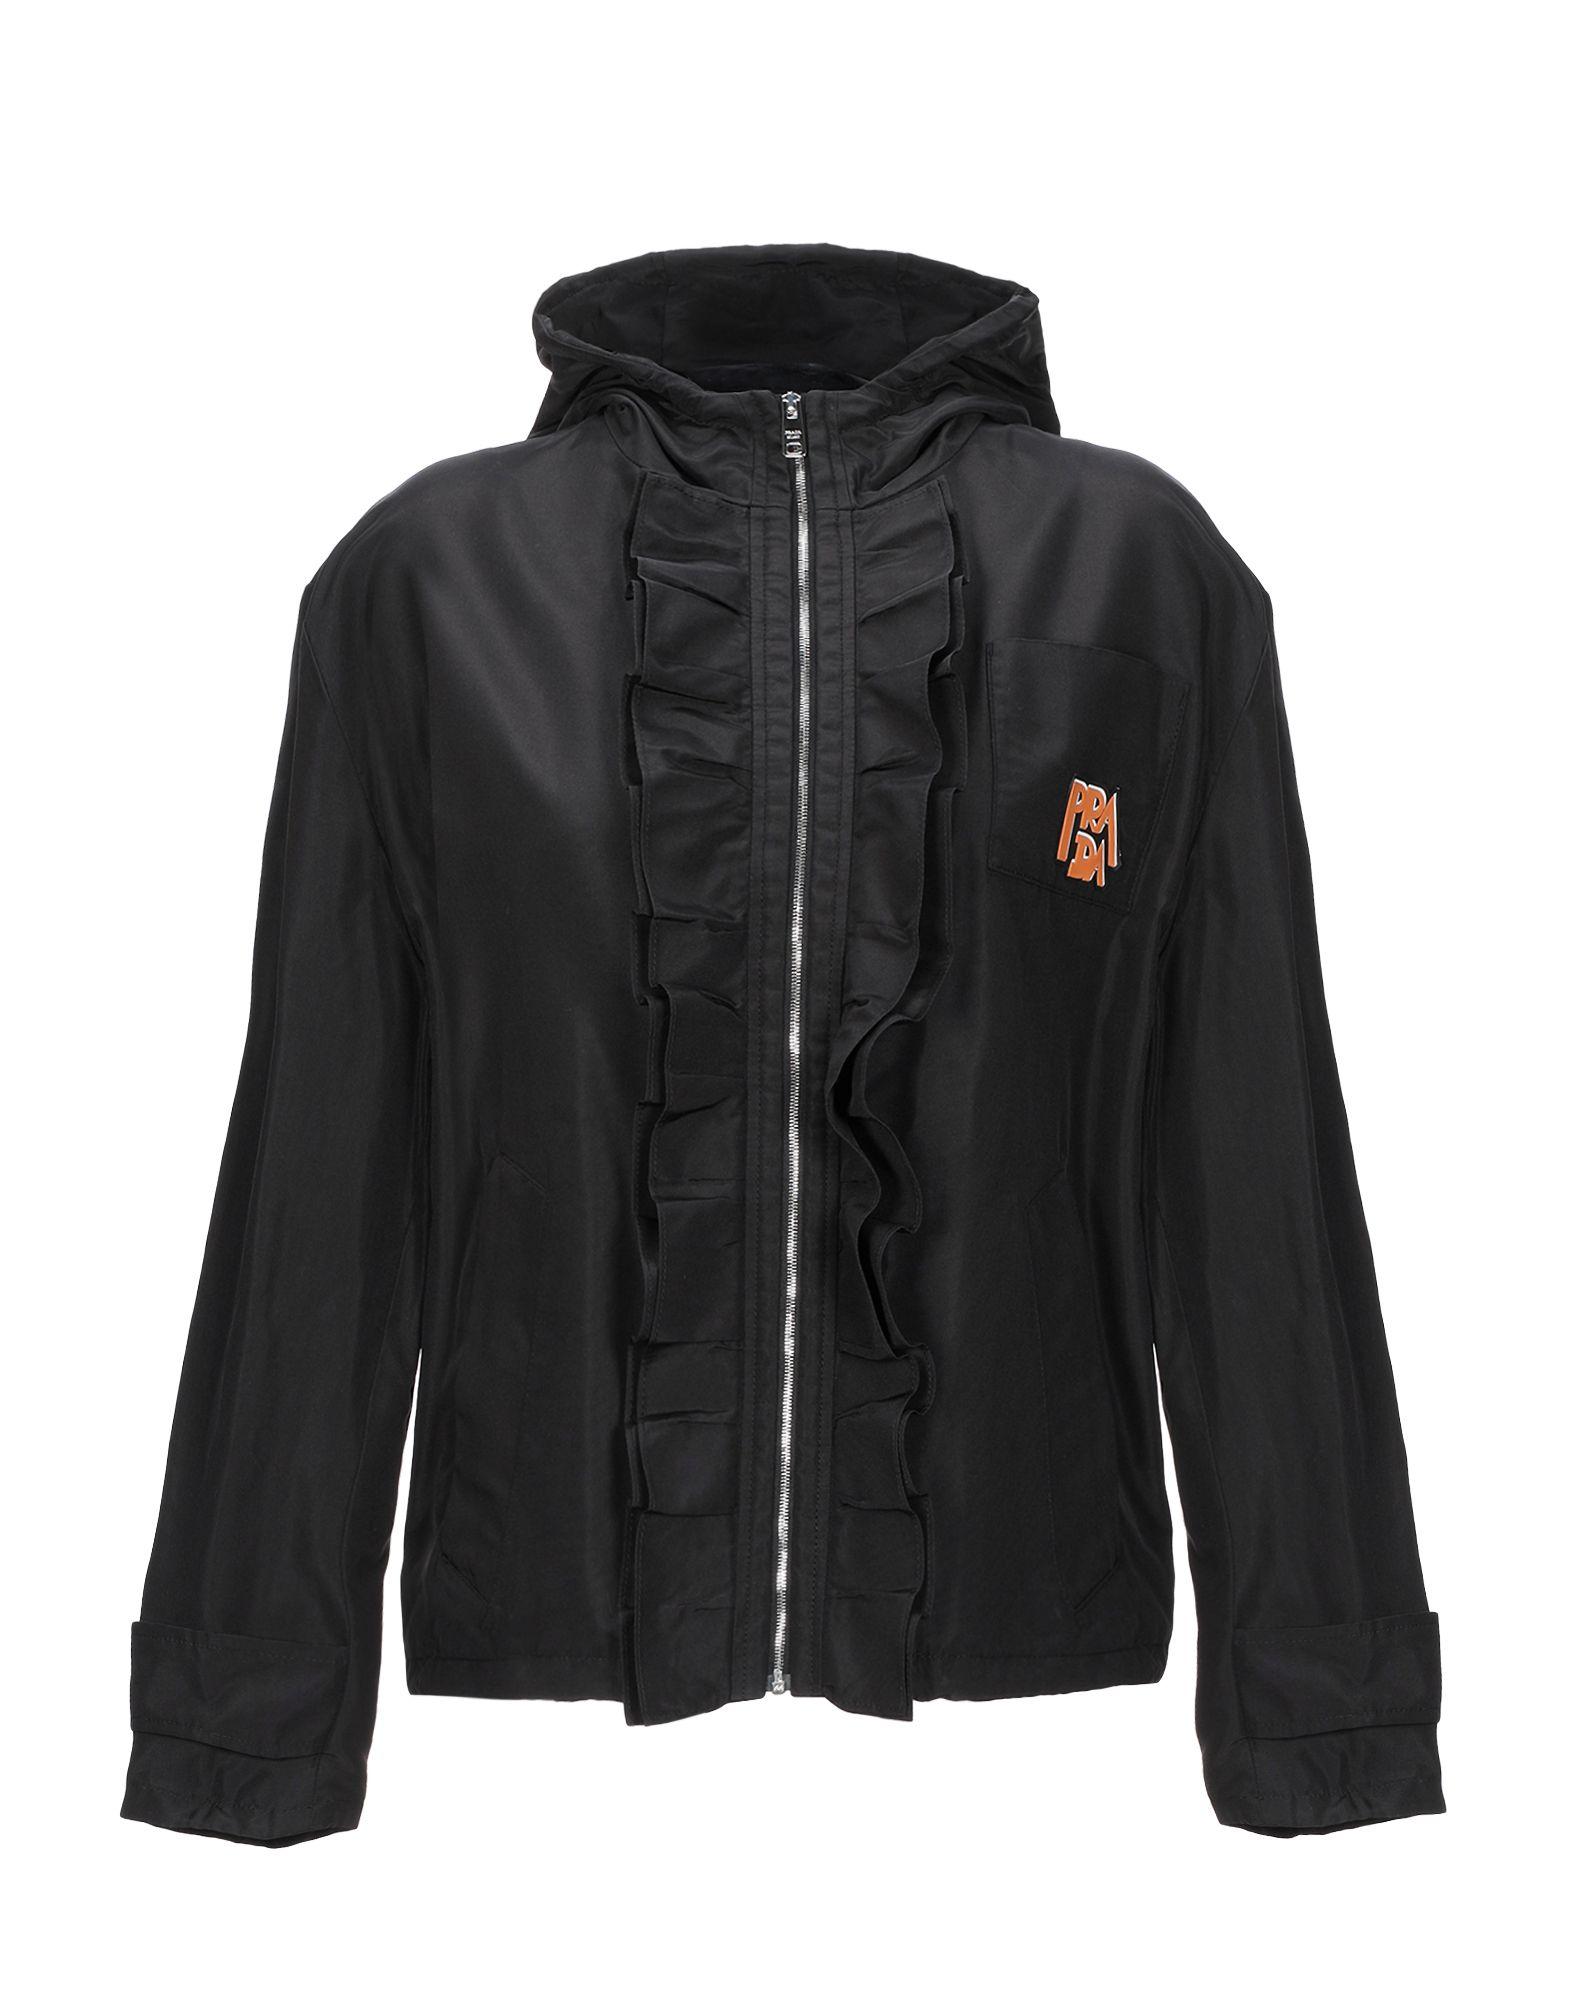 PRADA Jackets - Item 41933395